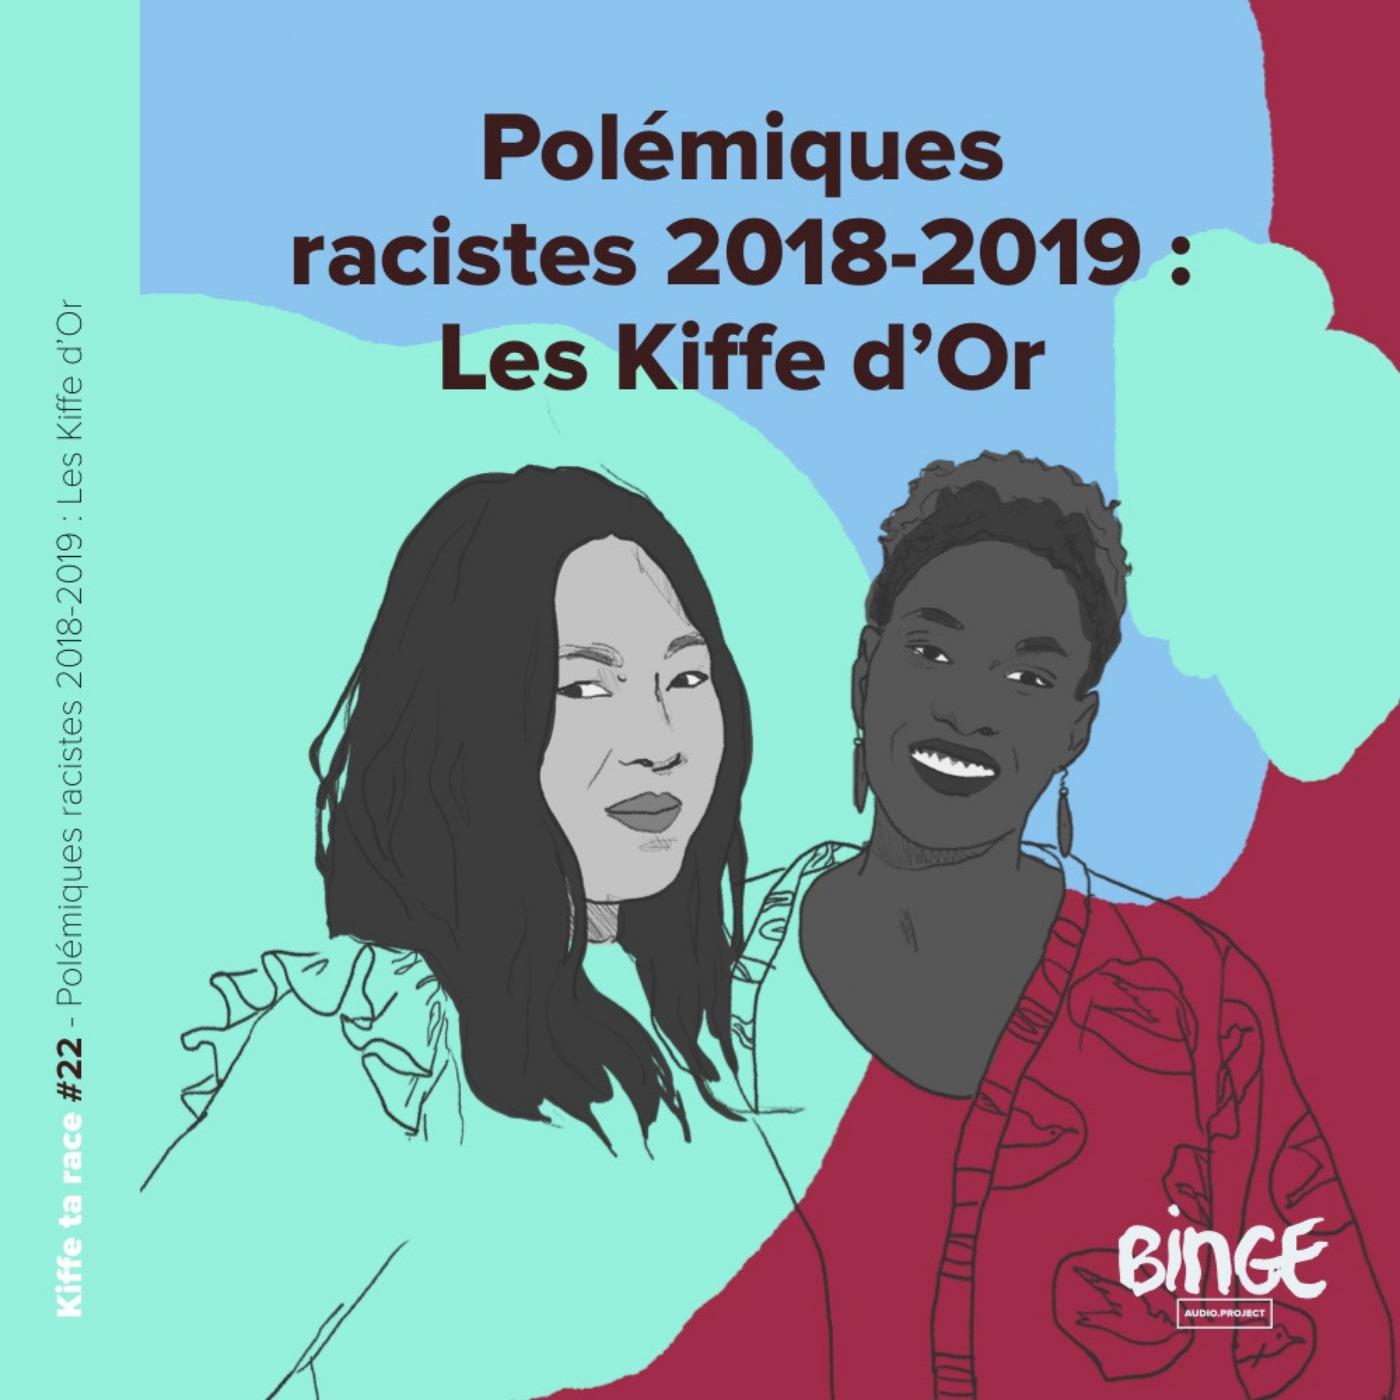 #22 - Polémiques racistes 2018-2019 : Les Kiffe d'Or